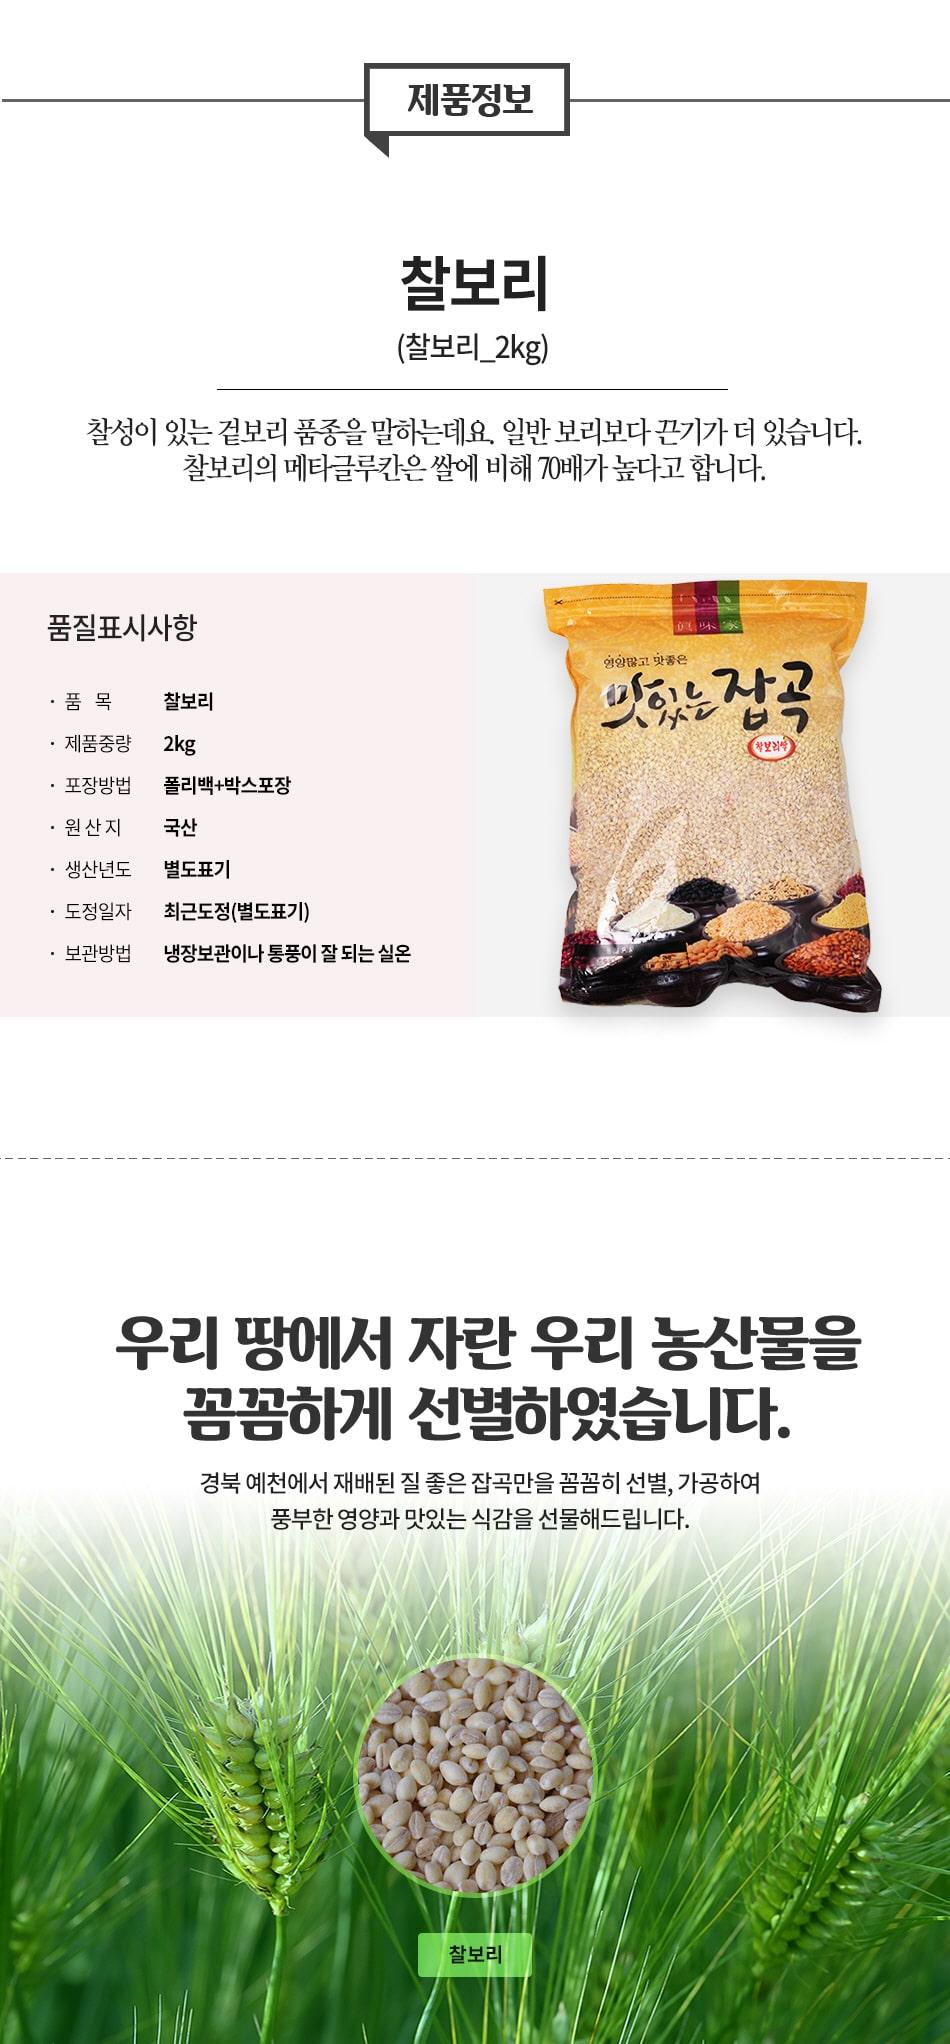 21잡곡_찰보리쌀2kg.jpg